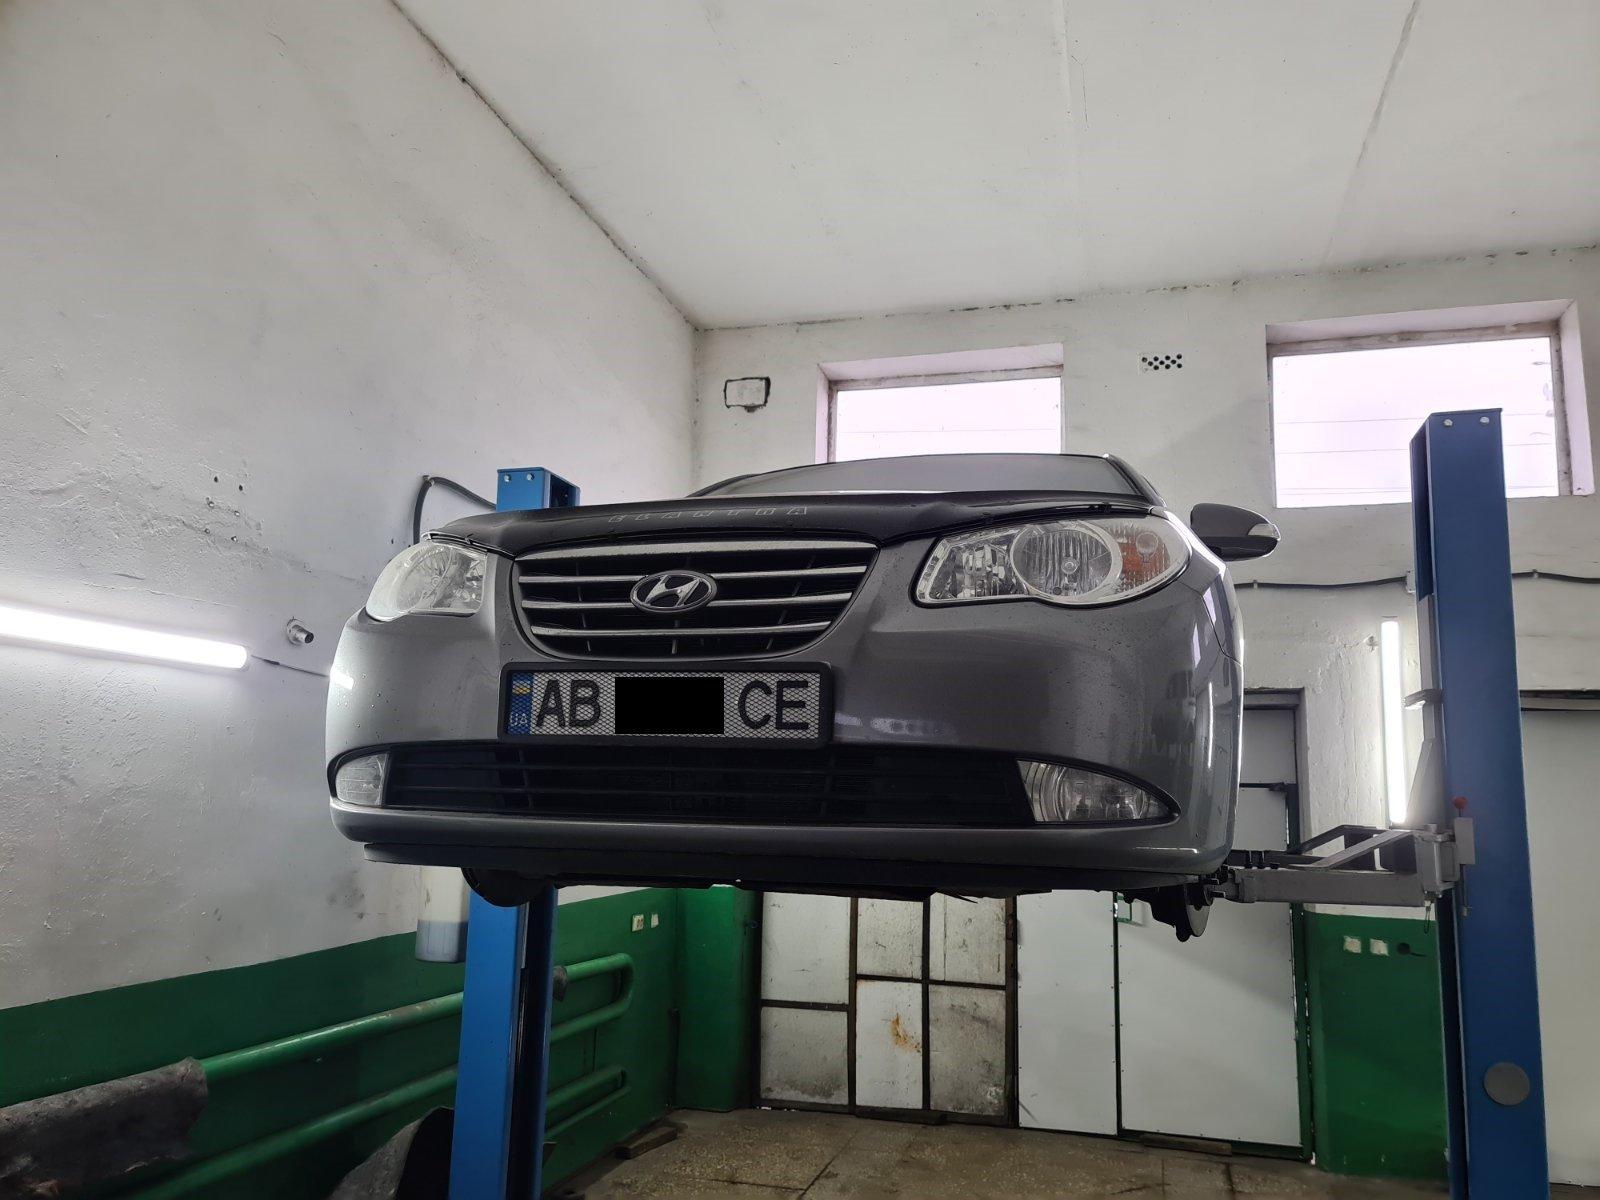 Відновлення кульової  опори  Hyundai Elantra 2009